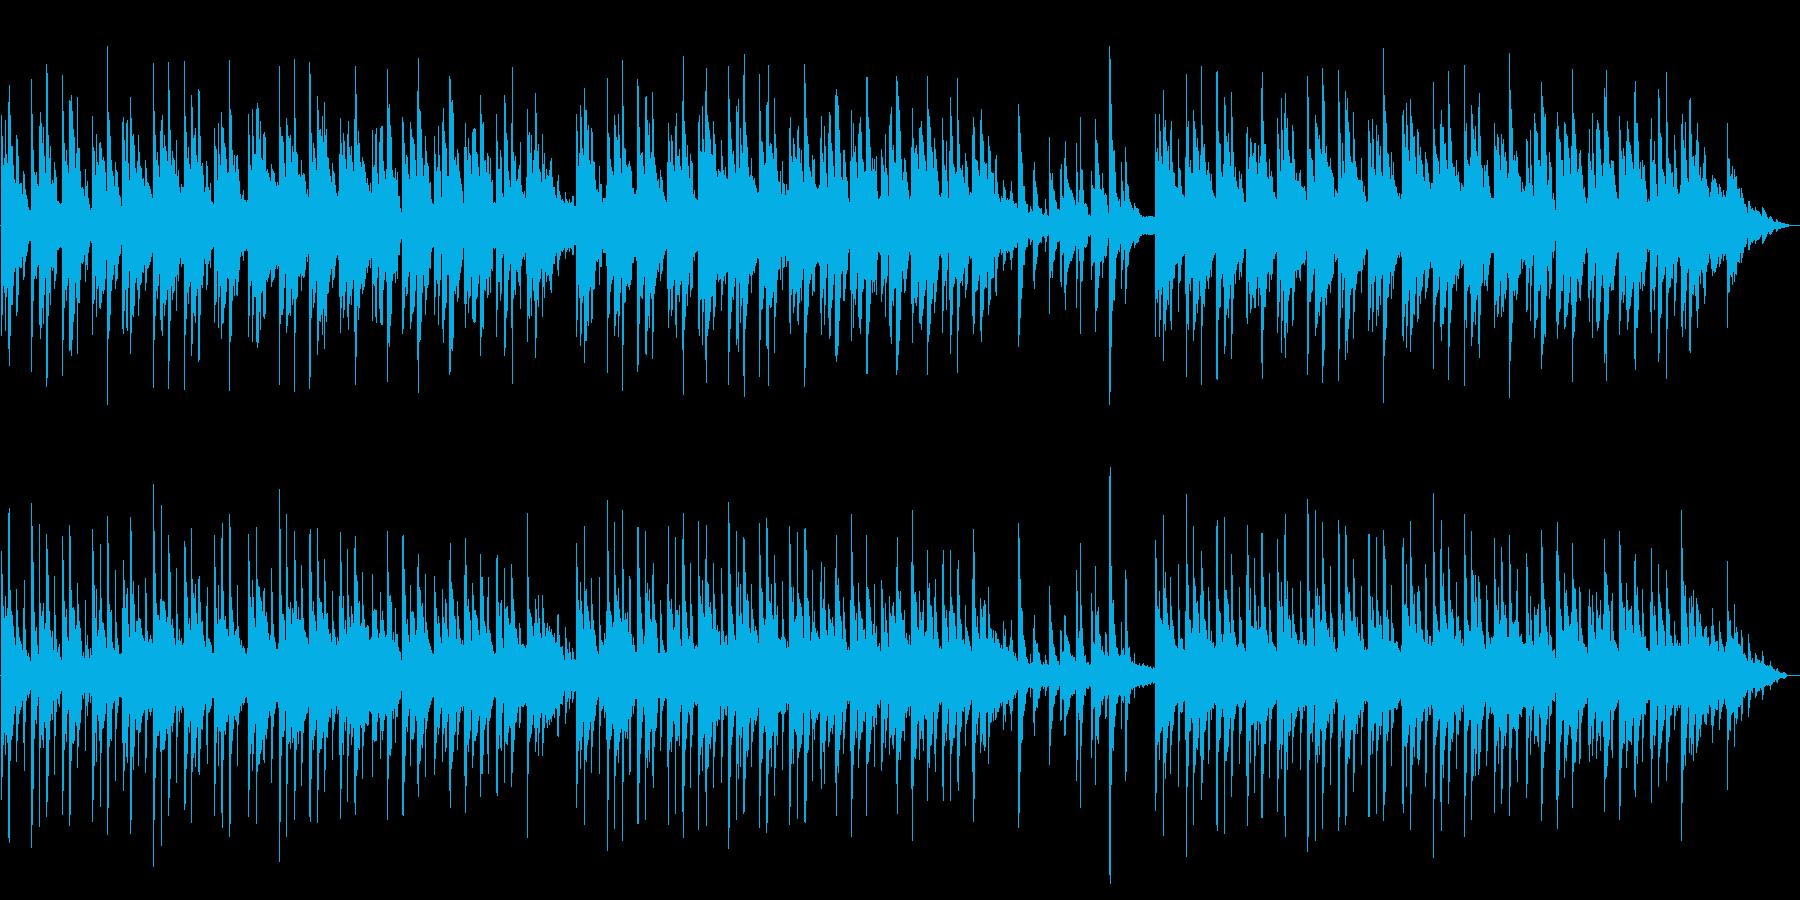 【ぼんやり】静かな森のような癒しピアノの再生済みの波形